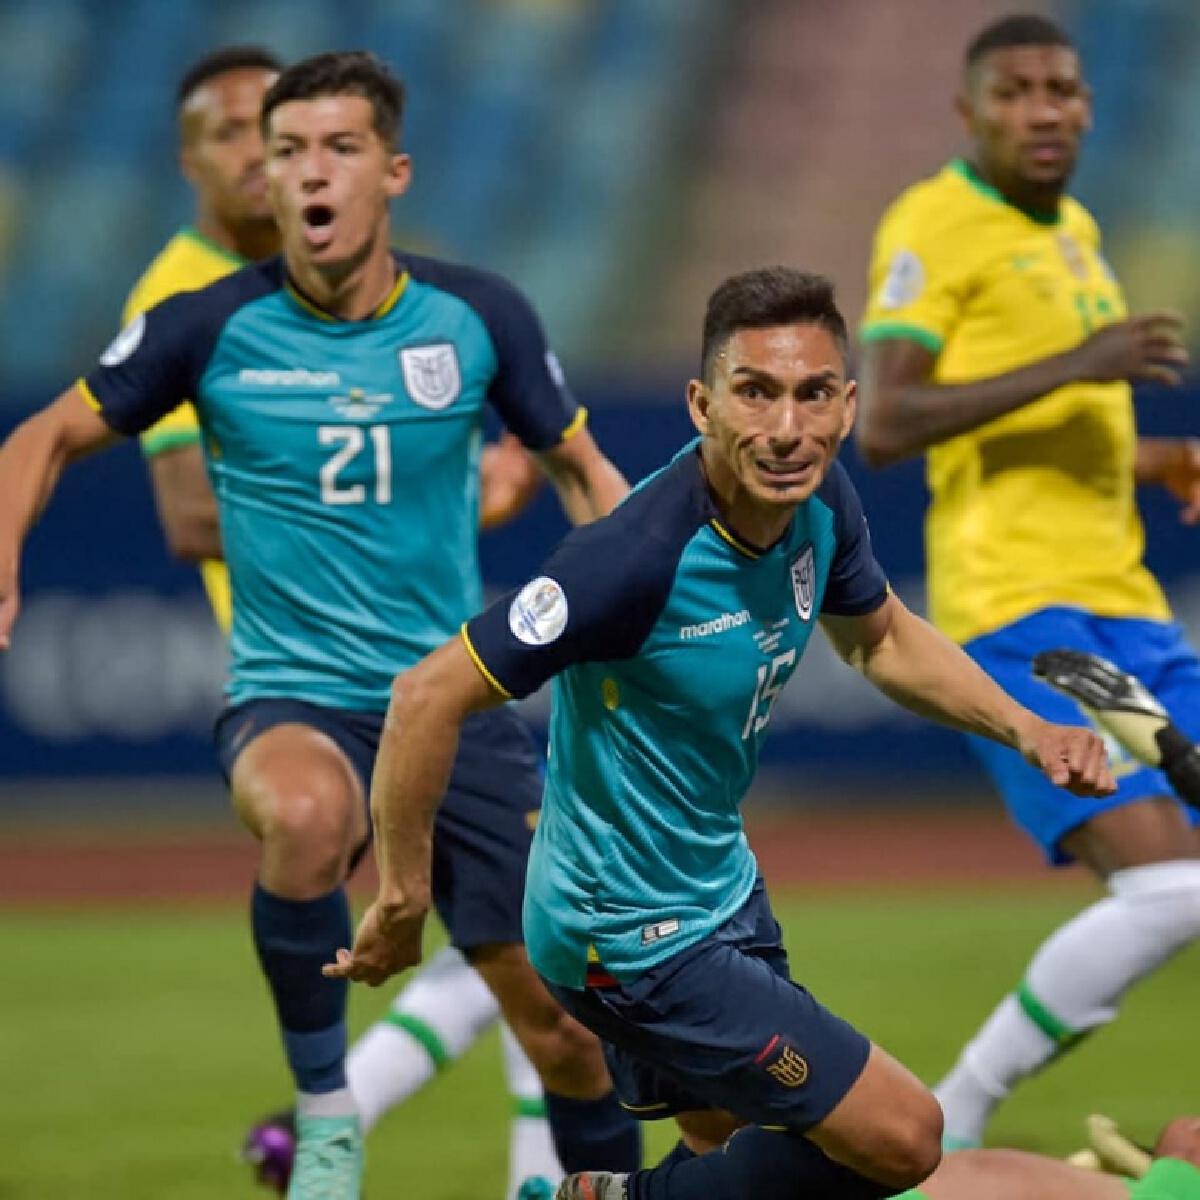 """ทีมชาติบราซิลแบ่งแต้มเอกวาดอร์เข้ารอบ8 ทีม""""โคปาอเมริกา2021"""""""